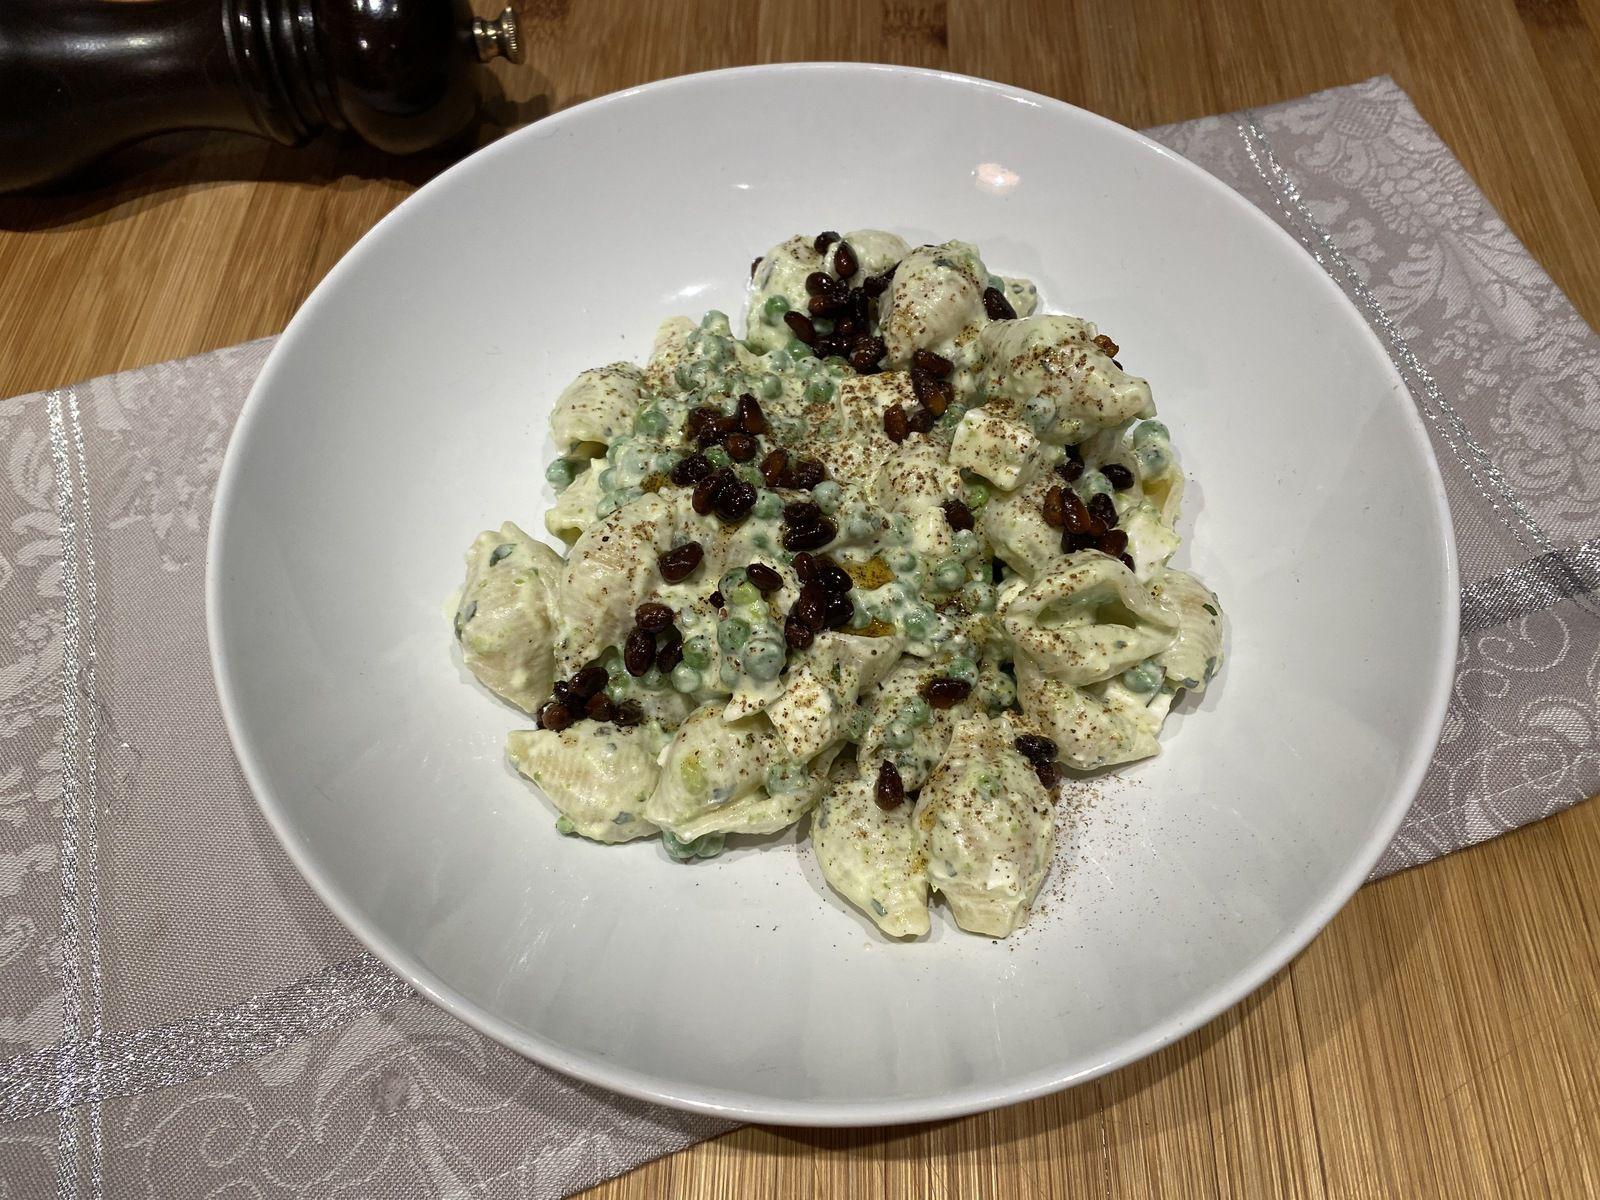 Conchiglie au yaourt, petits pois et piment de Yotam Ottolenghi